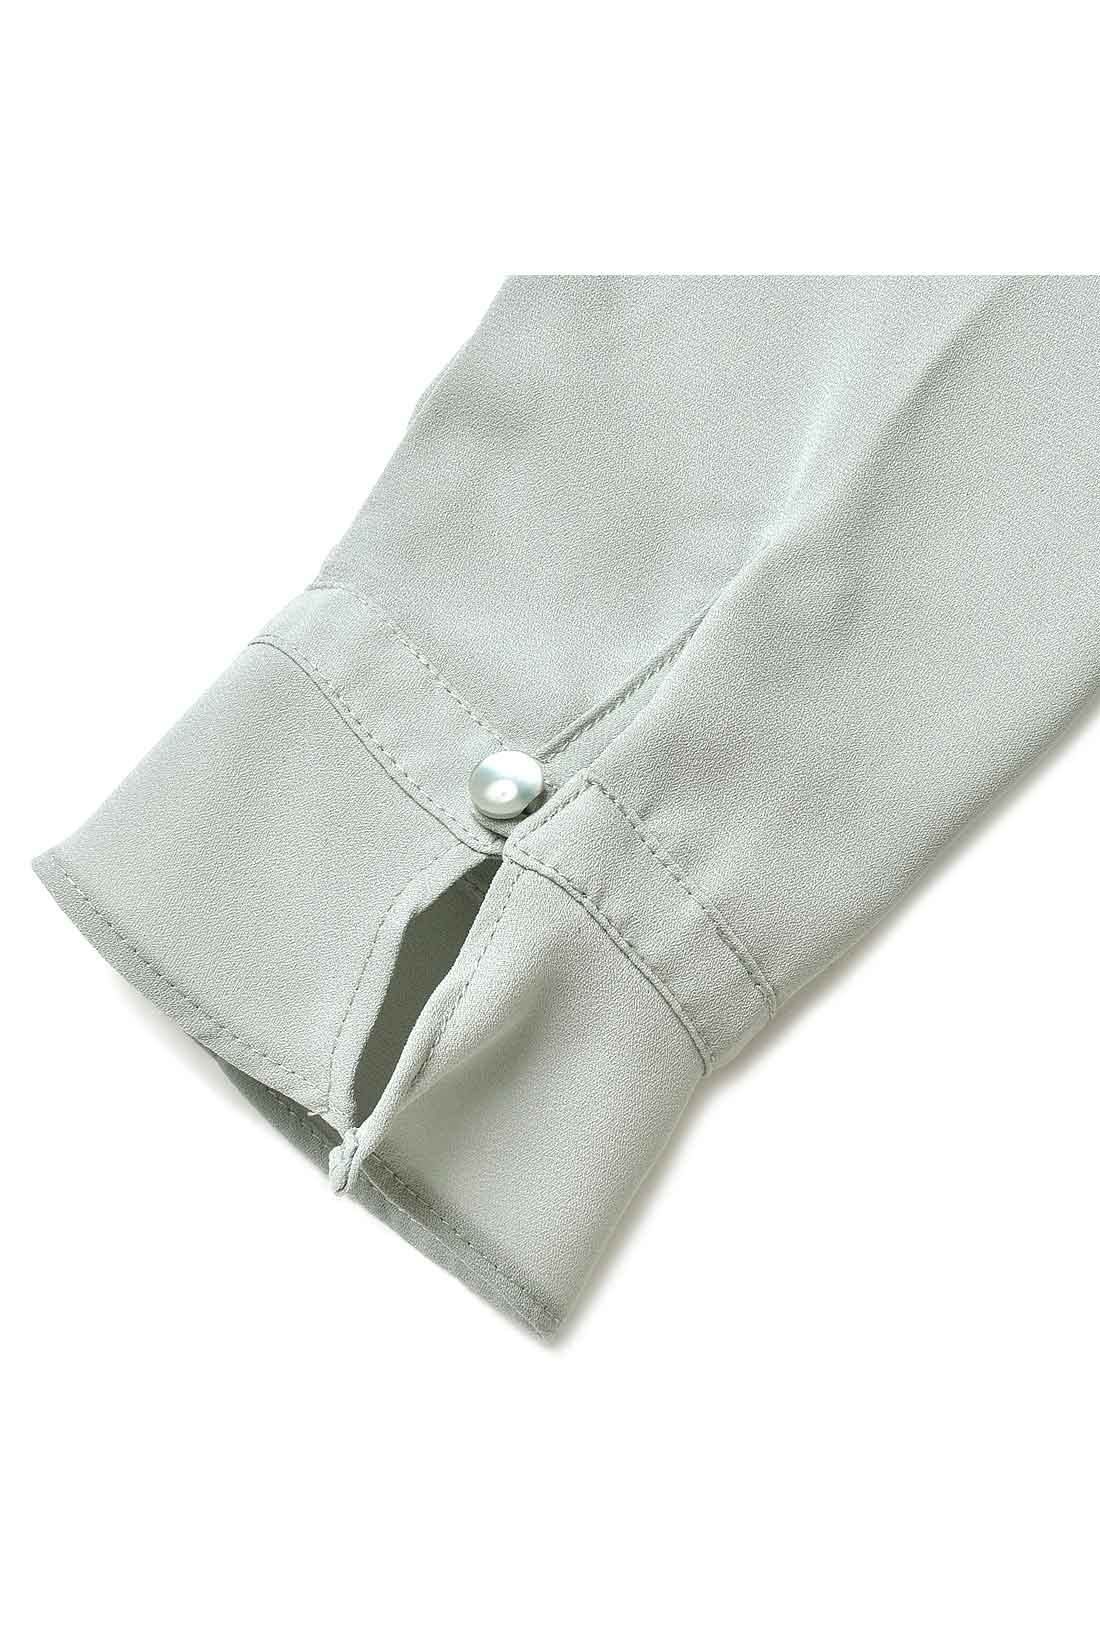 ボタン遣いや袖口の仕様など、シンプルながらポイントになるディテール遣いが絶妙。